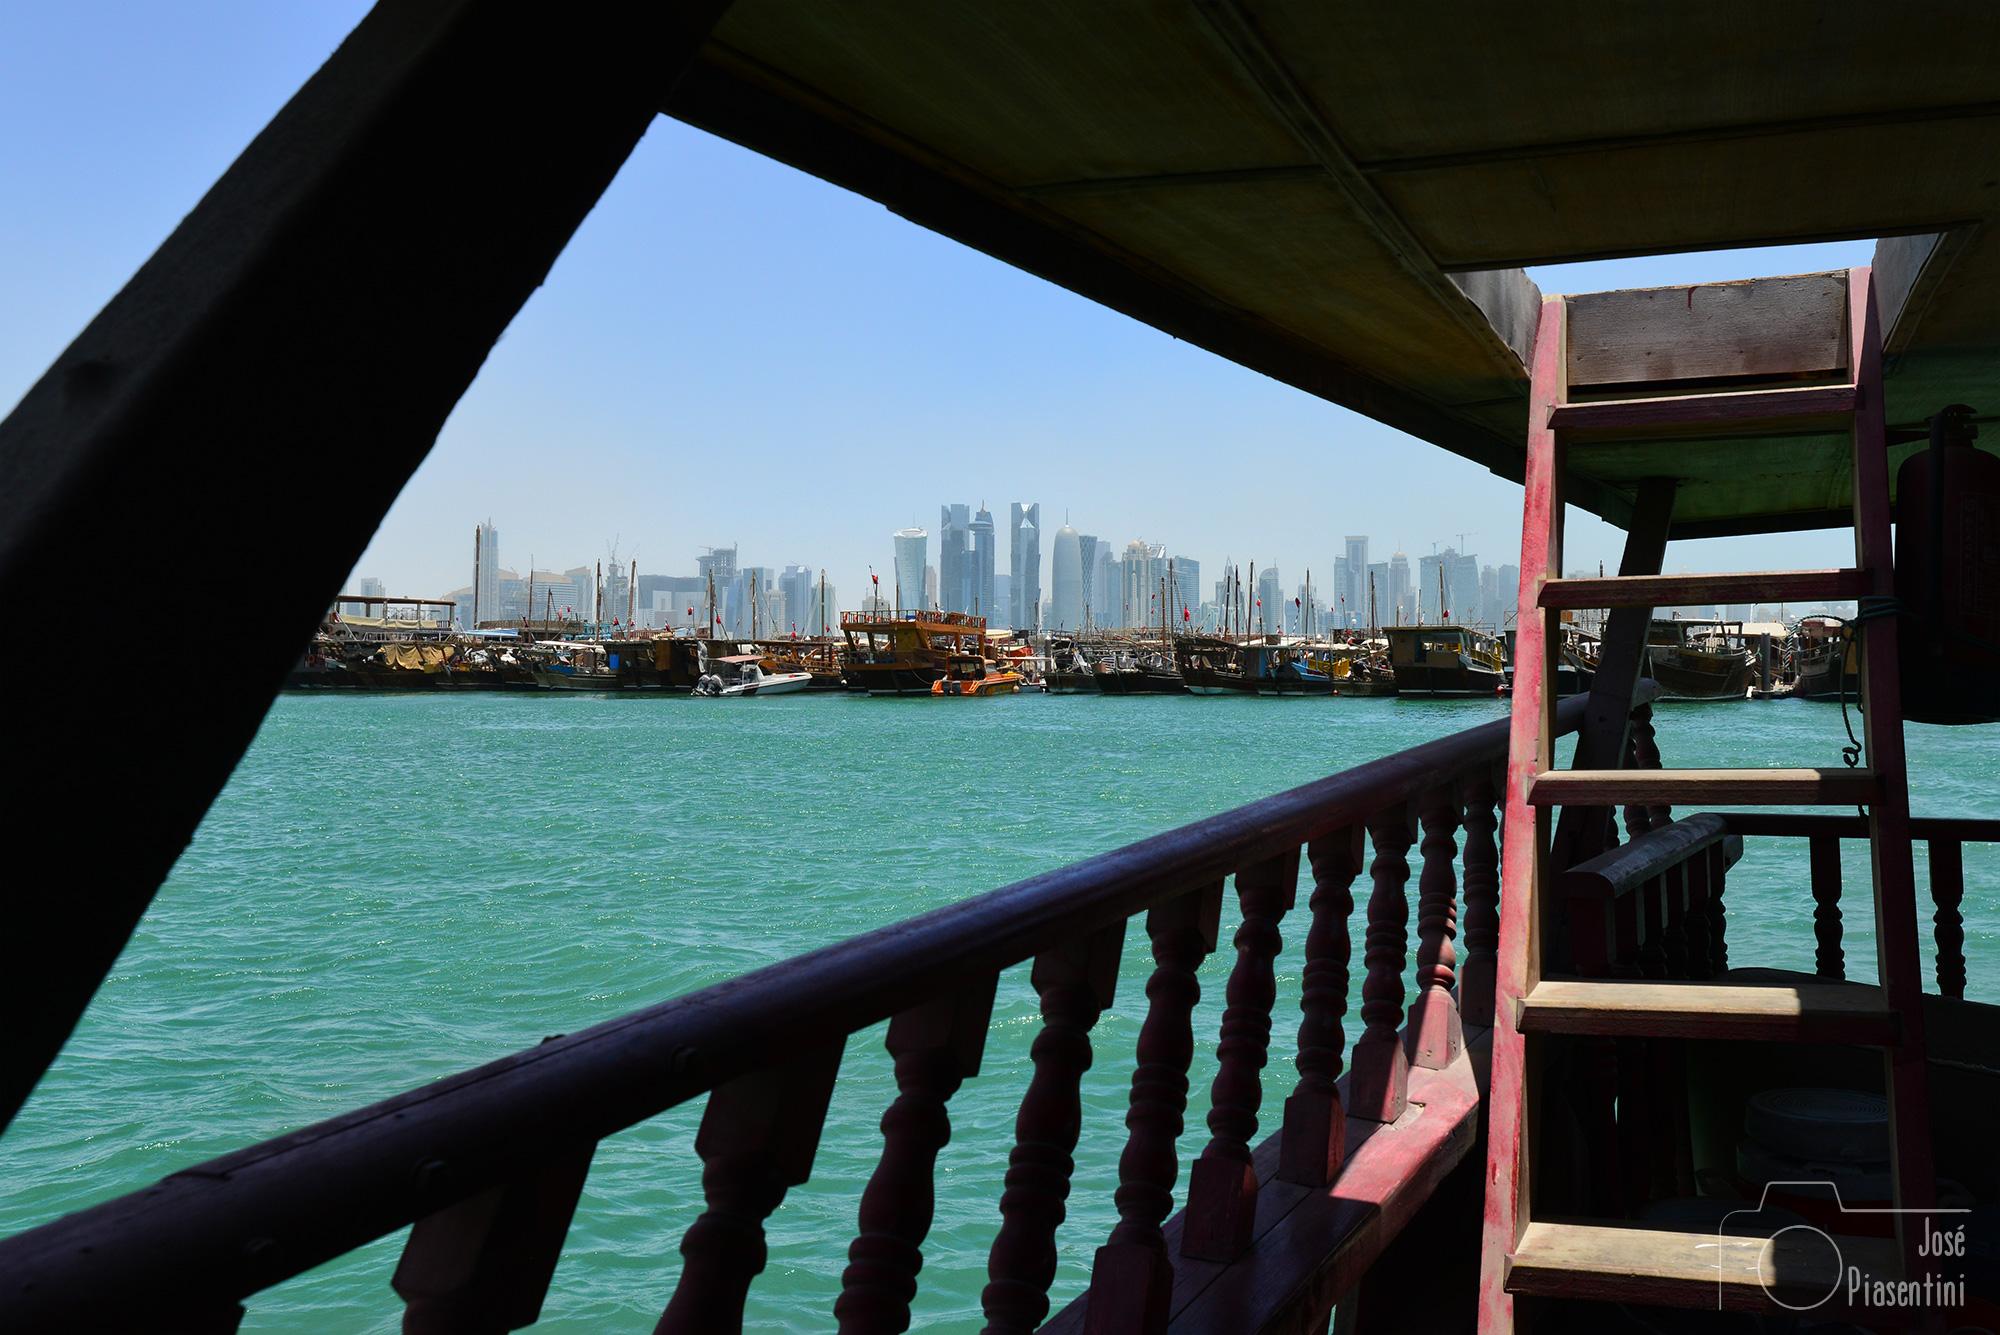 View from Doha Corniche